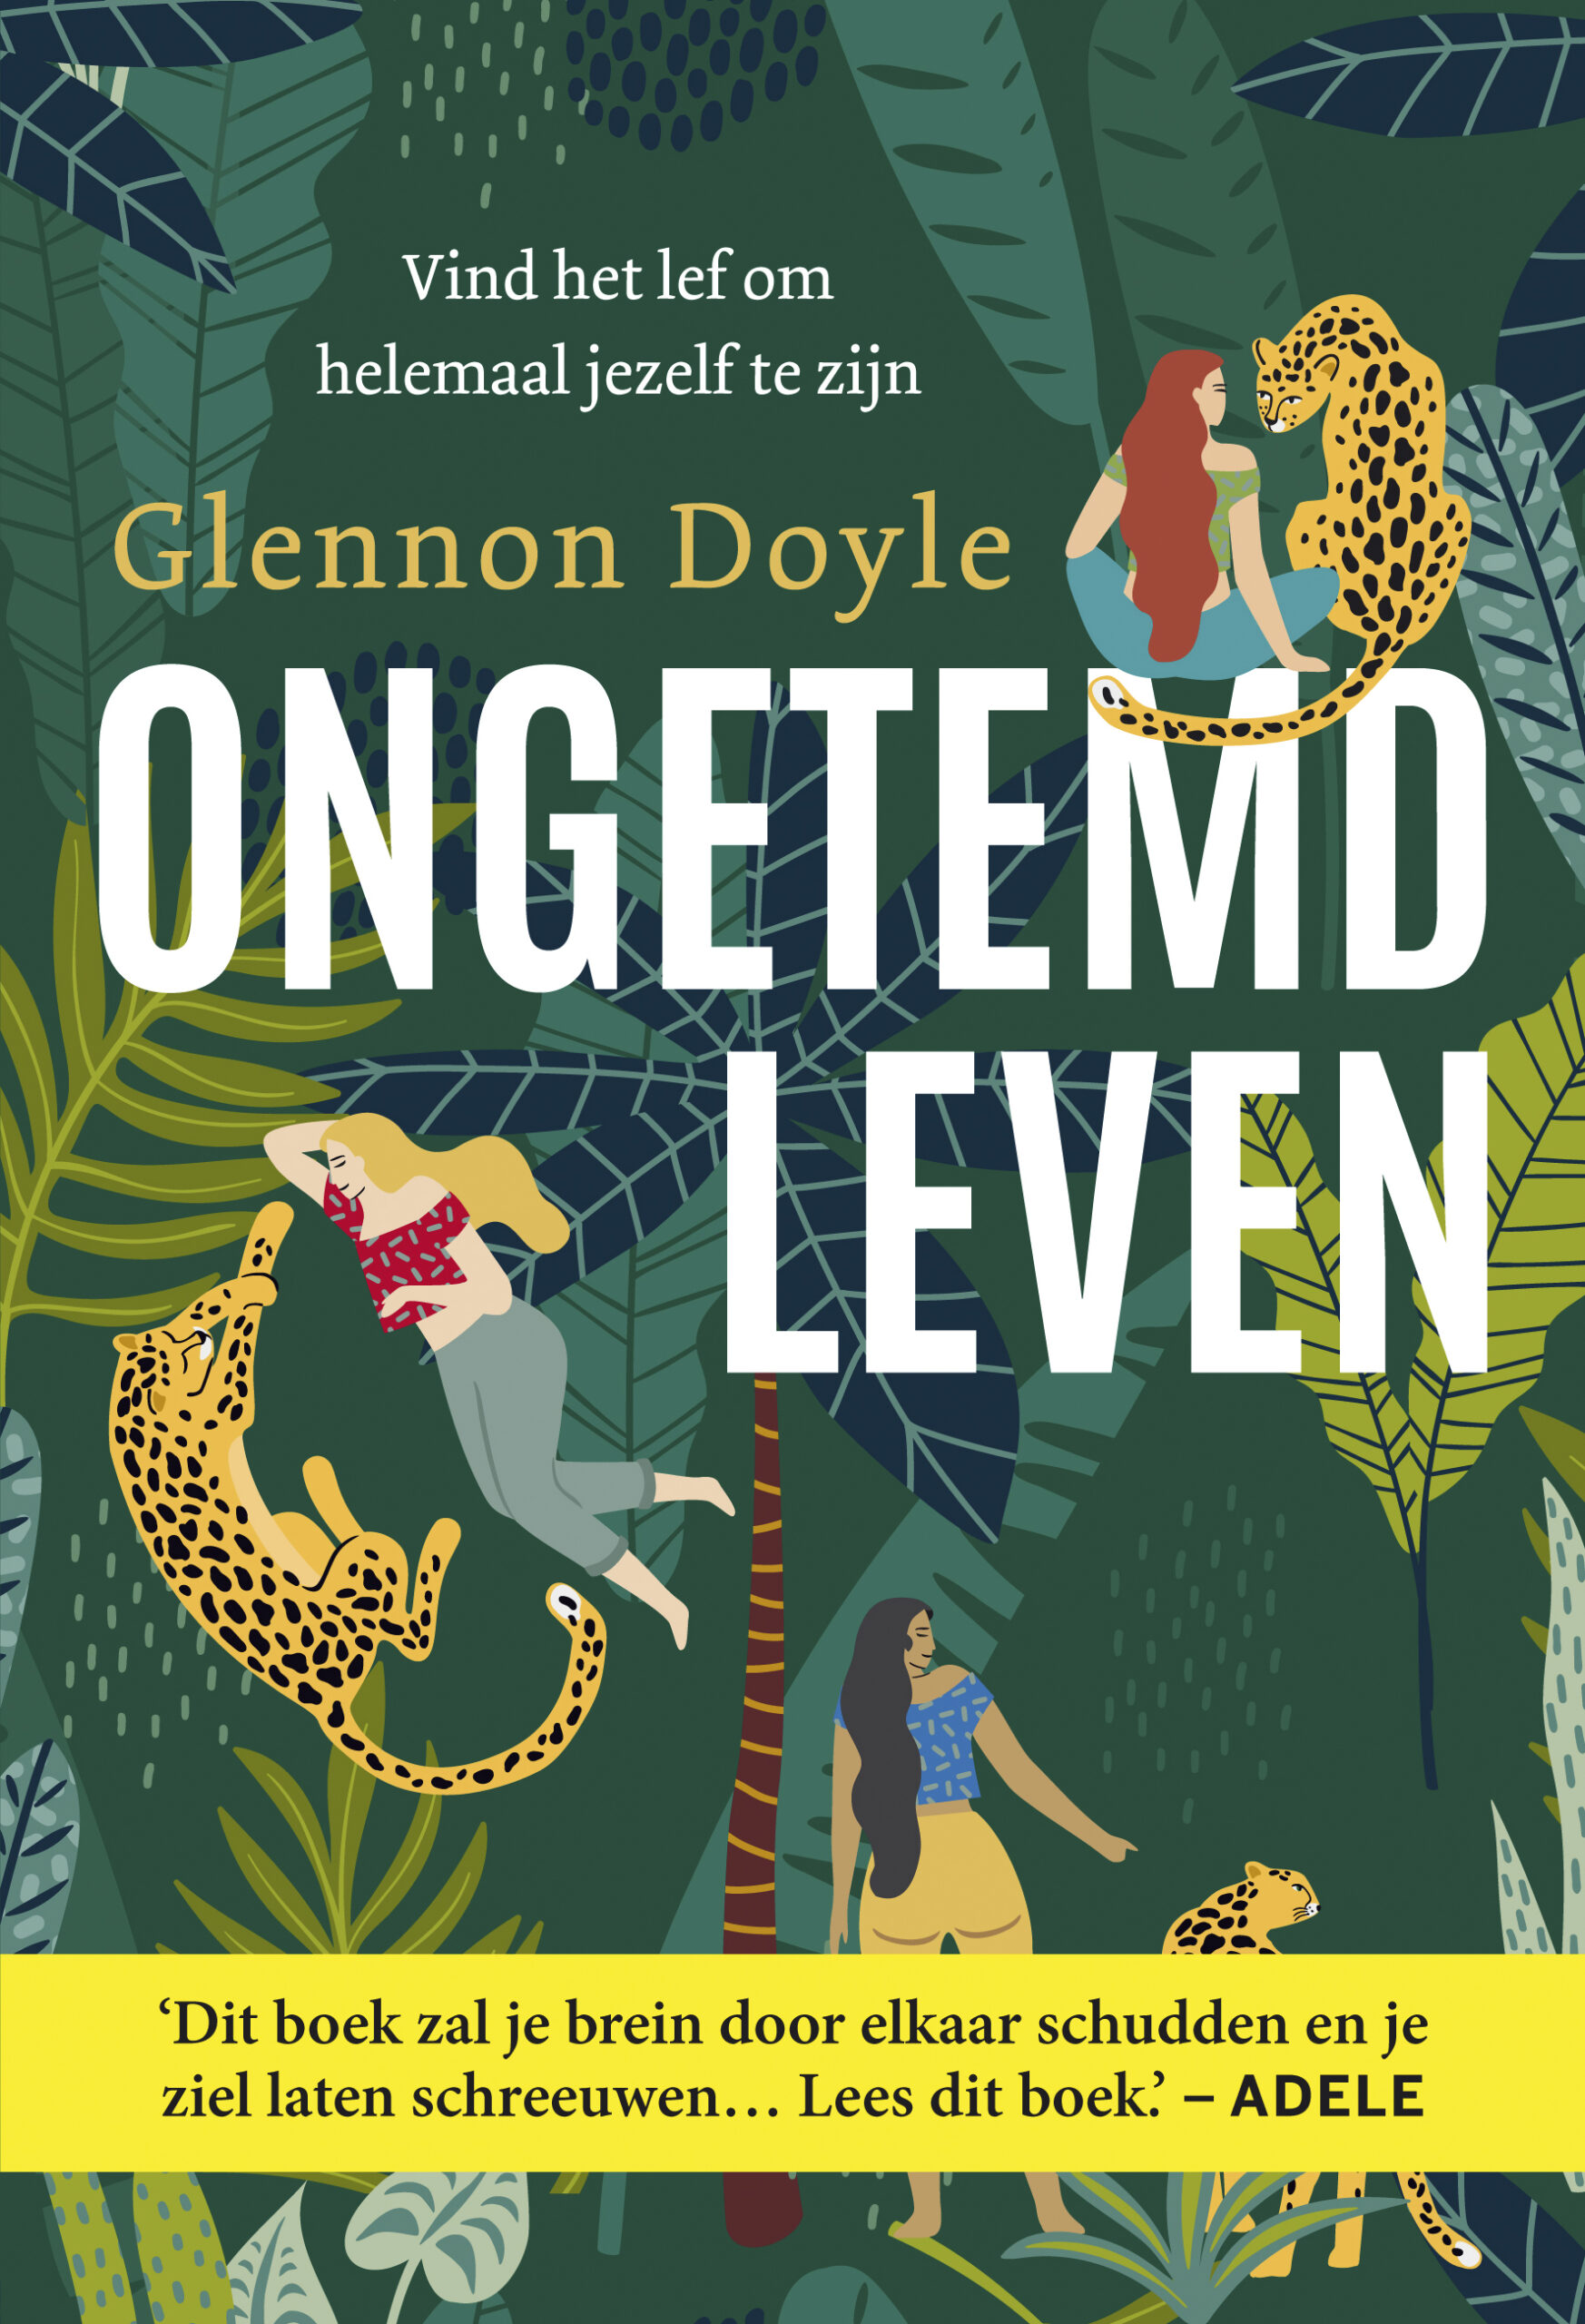 Ongetemd leven - boekenflits.nl